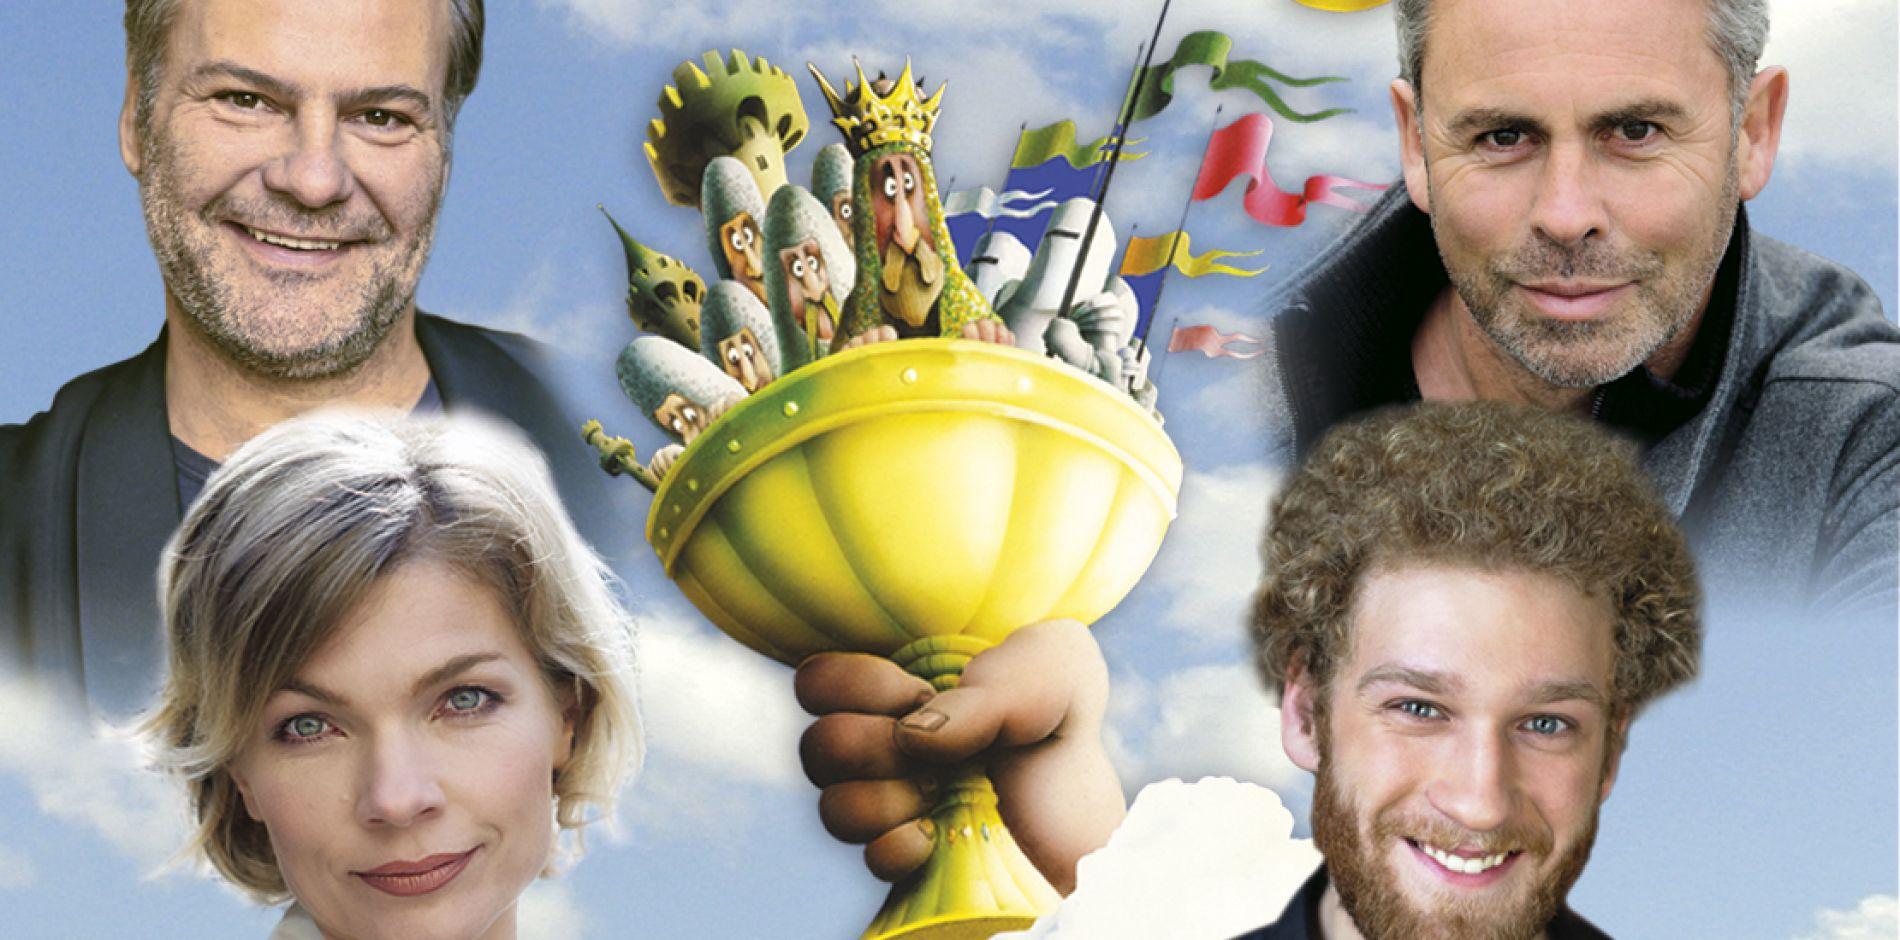 Monty Python's Spamalot - Die Suche nach dem heiligen Gral